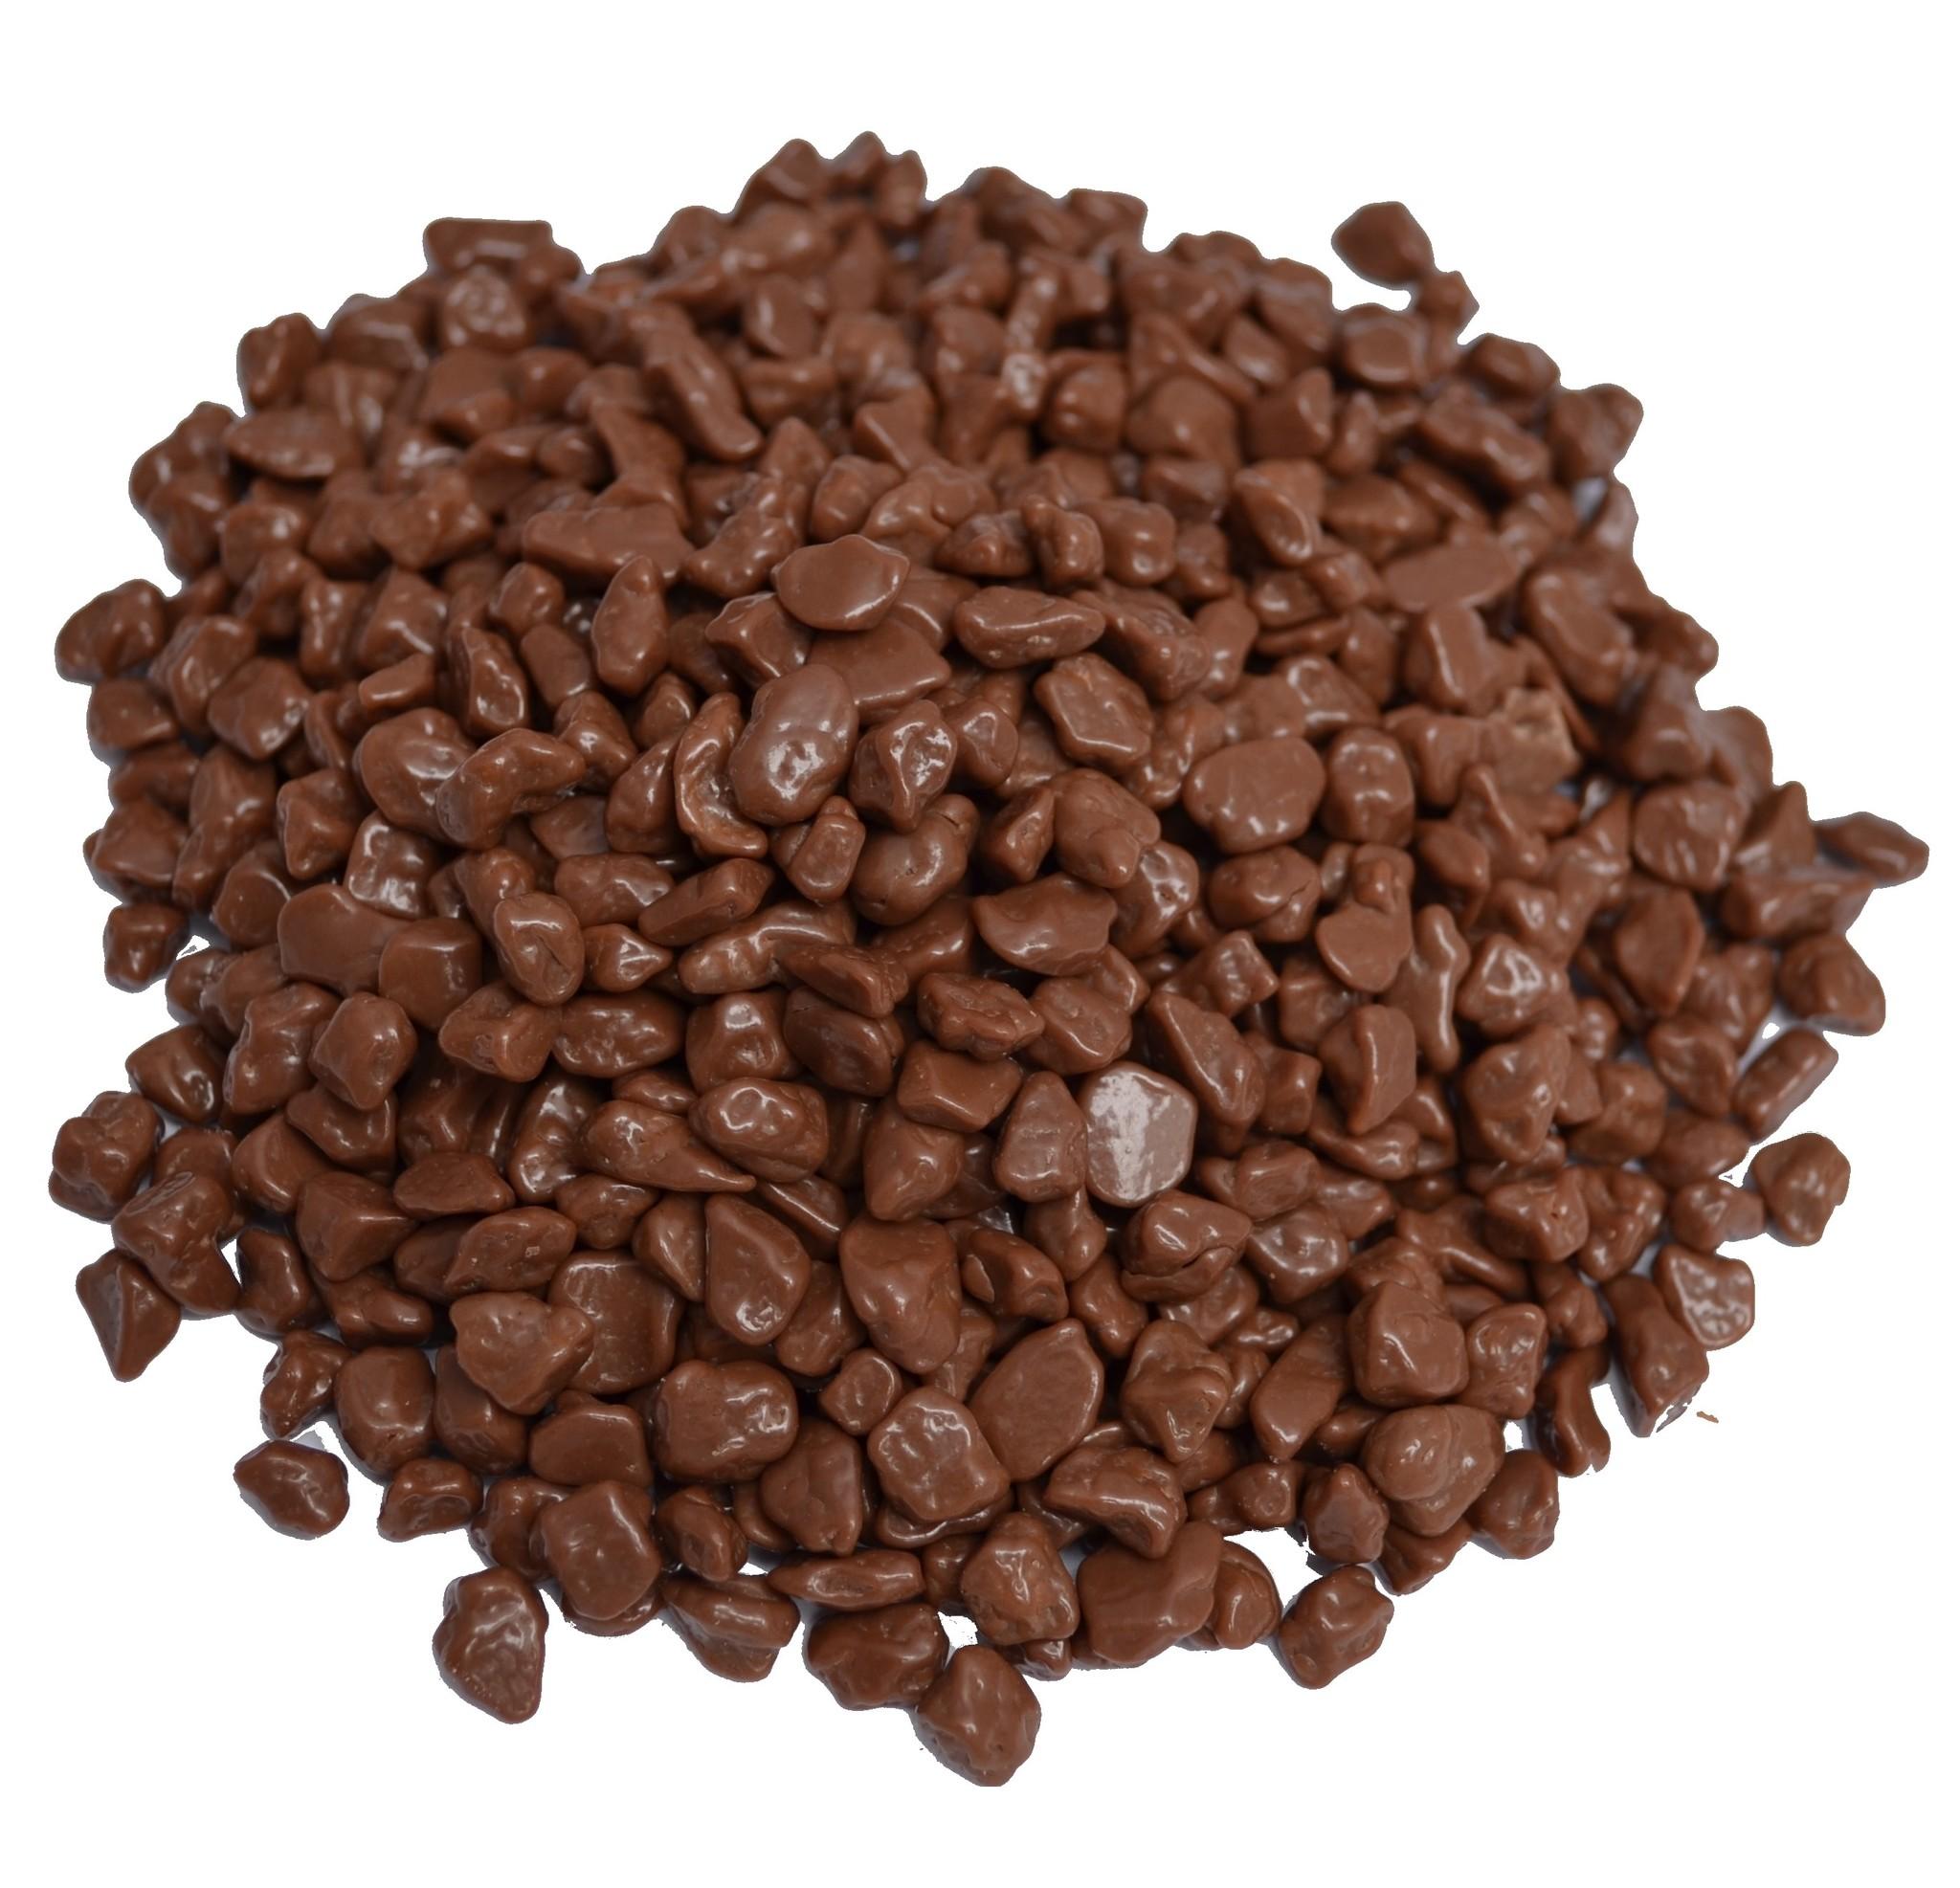 Chocolade Rocks Melk Callebaut  zak 1 kilo